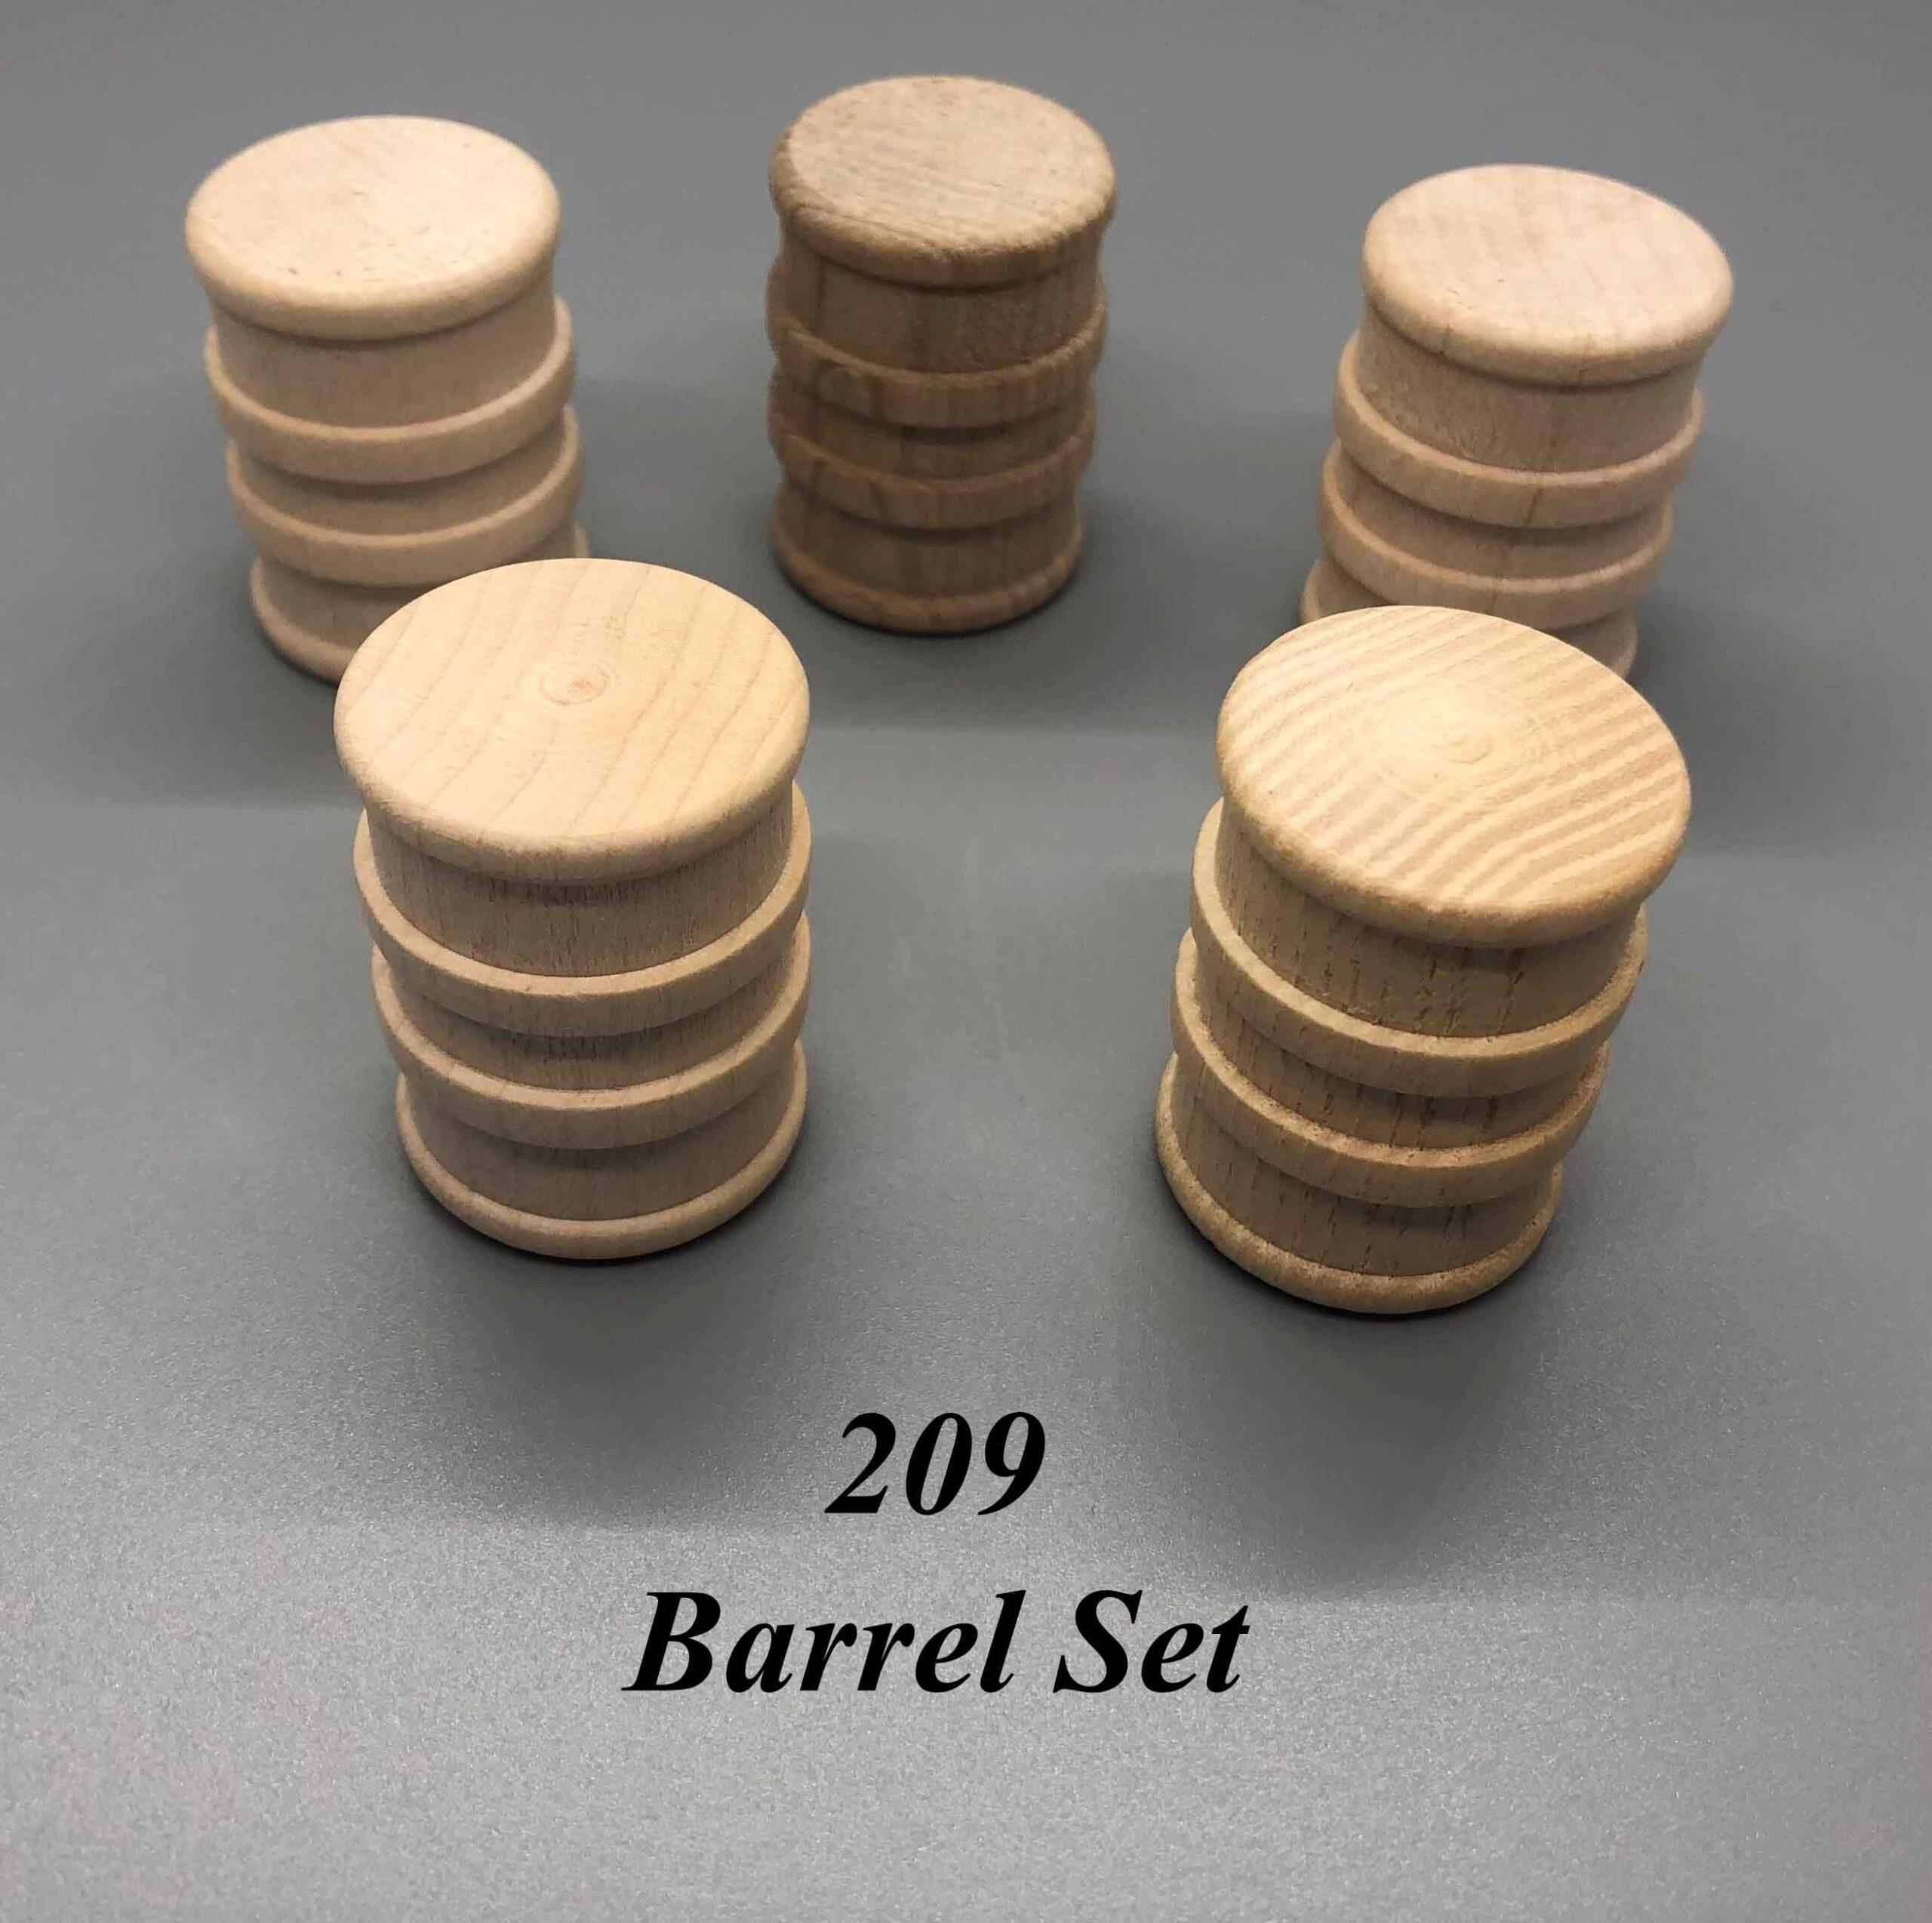 Lionel 209 Barrel Set